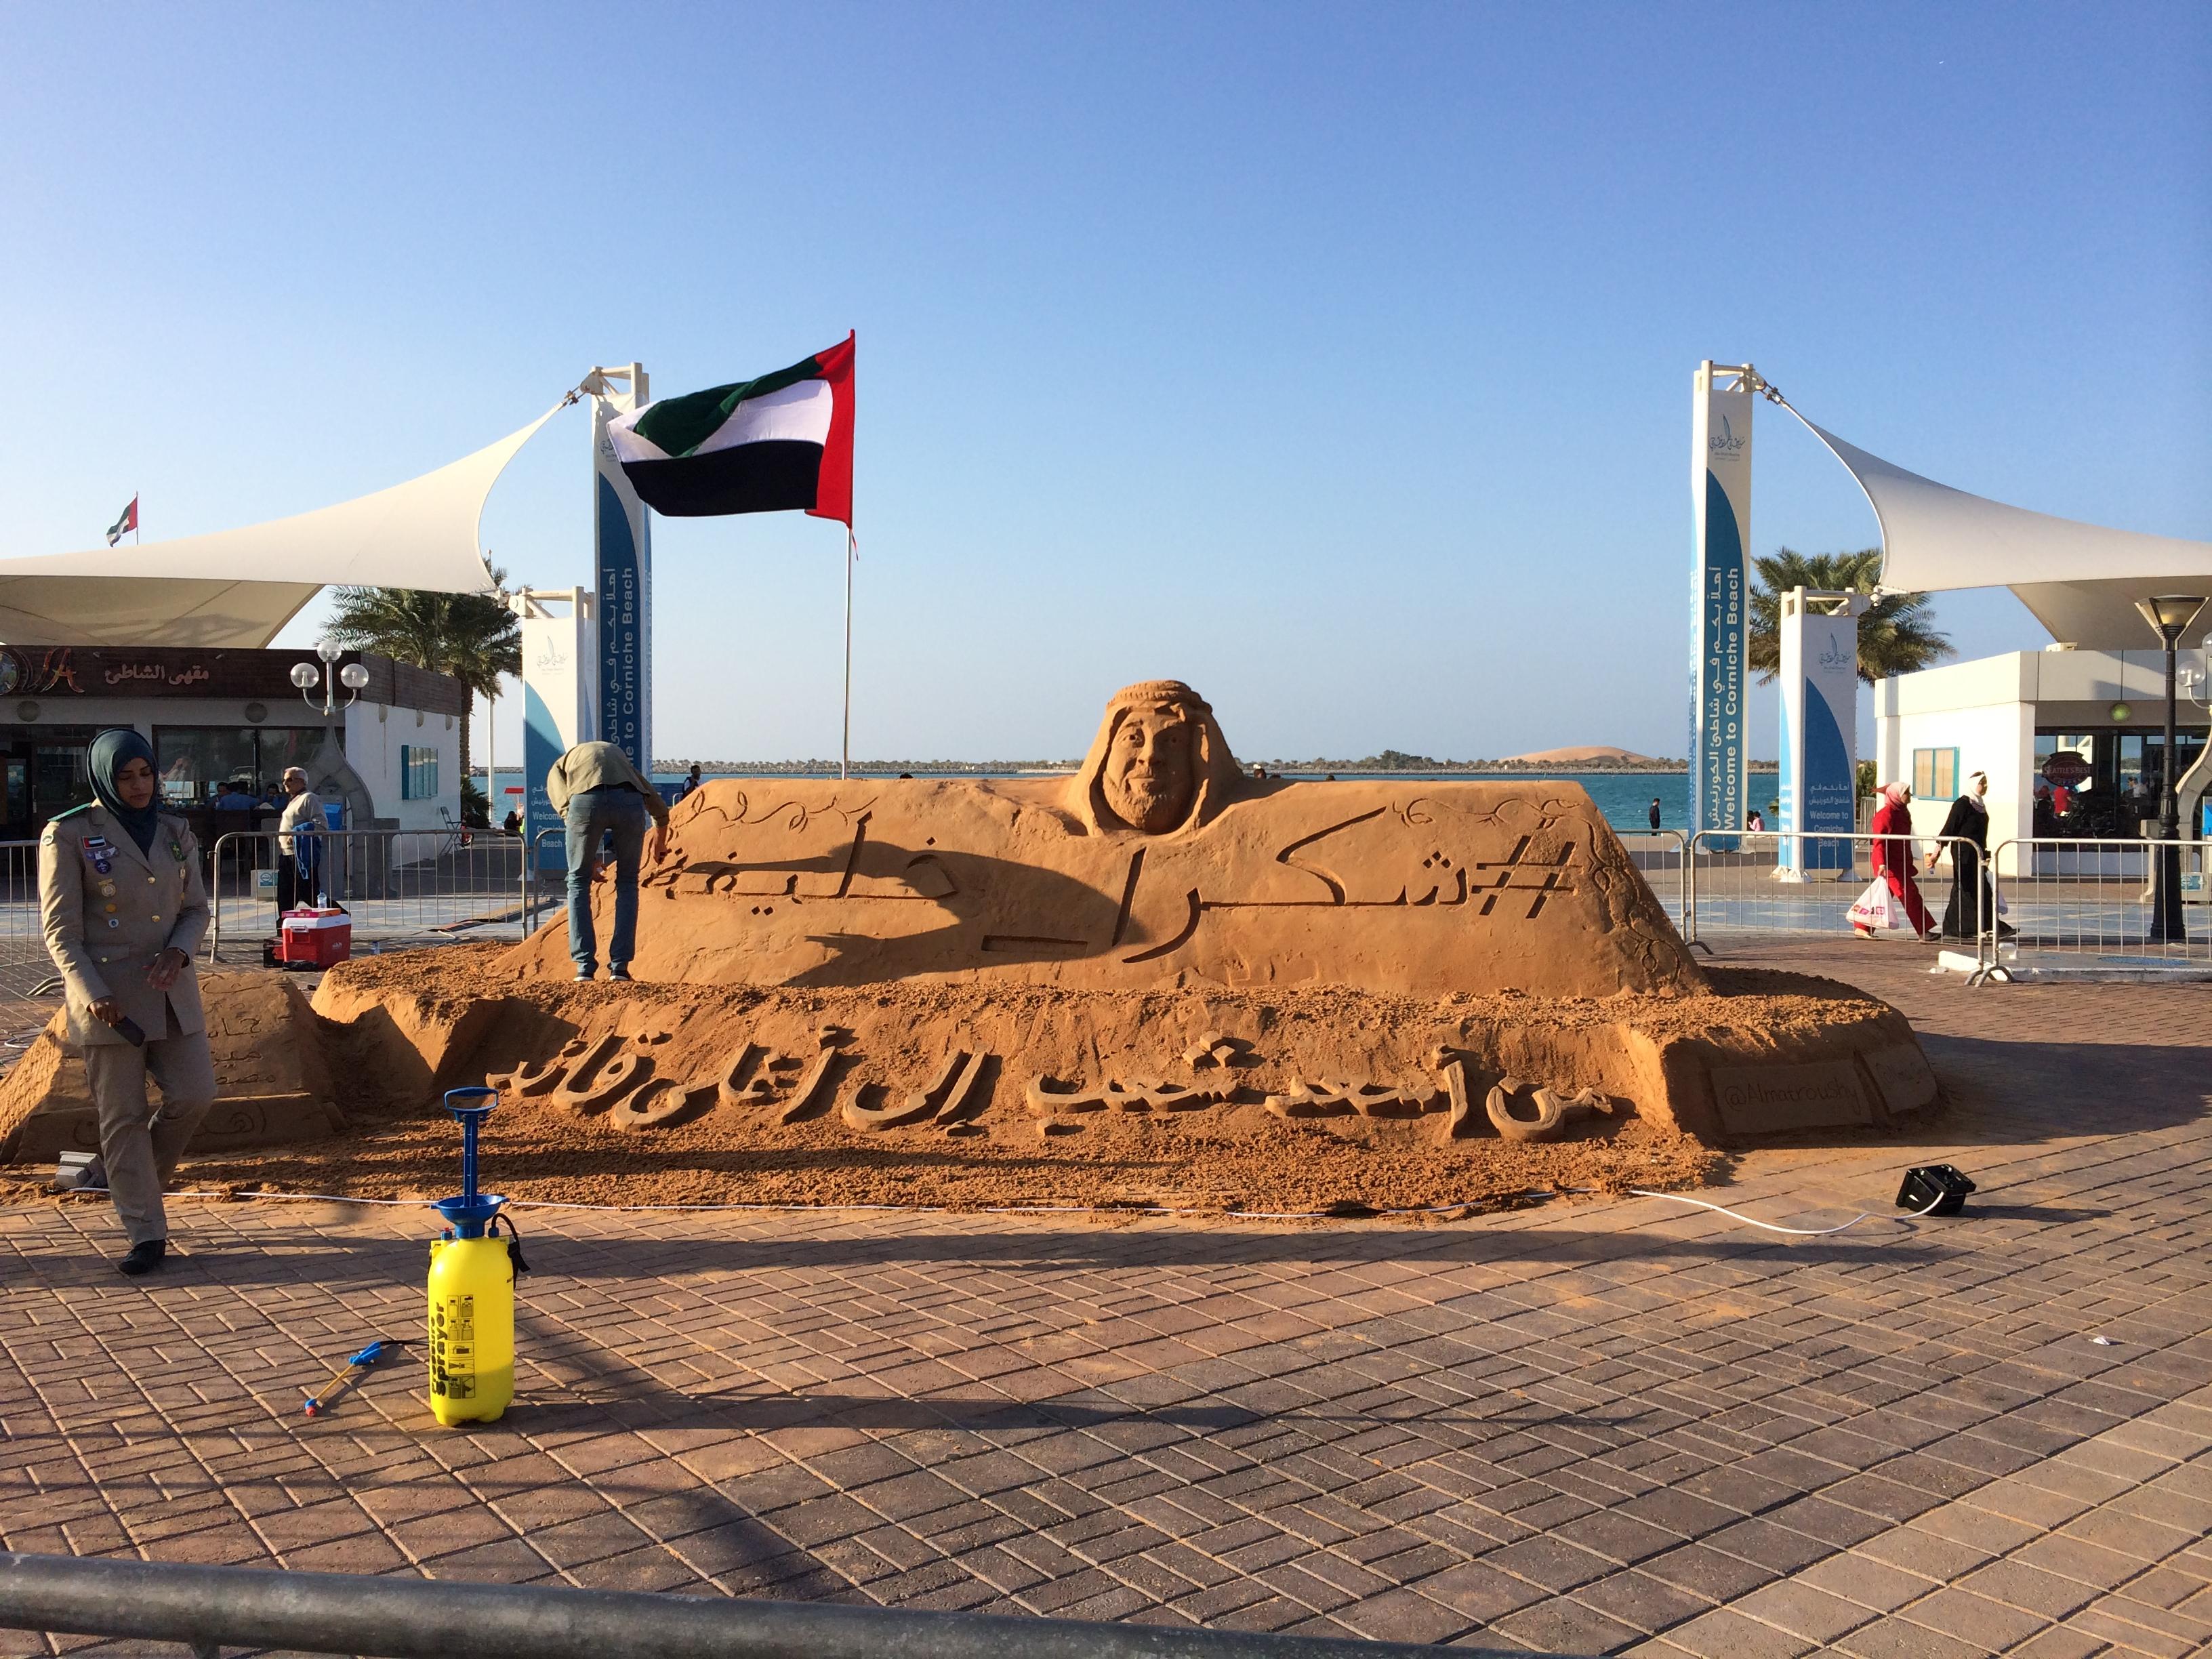 Эмиратцы соорудили из песка скульптуру в честь шейхаАбу-Даби. Надпись на арабском гласит: «Спасибо тебе, Халифа». По словам создателей скульптуры, она может простоять месяц, если ветер не будет слишком сильным